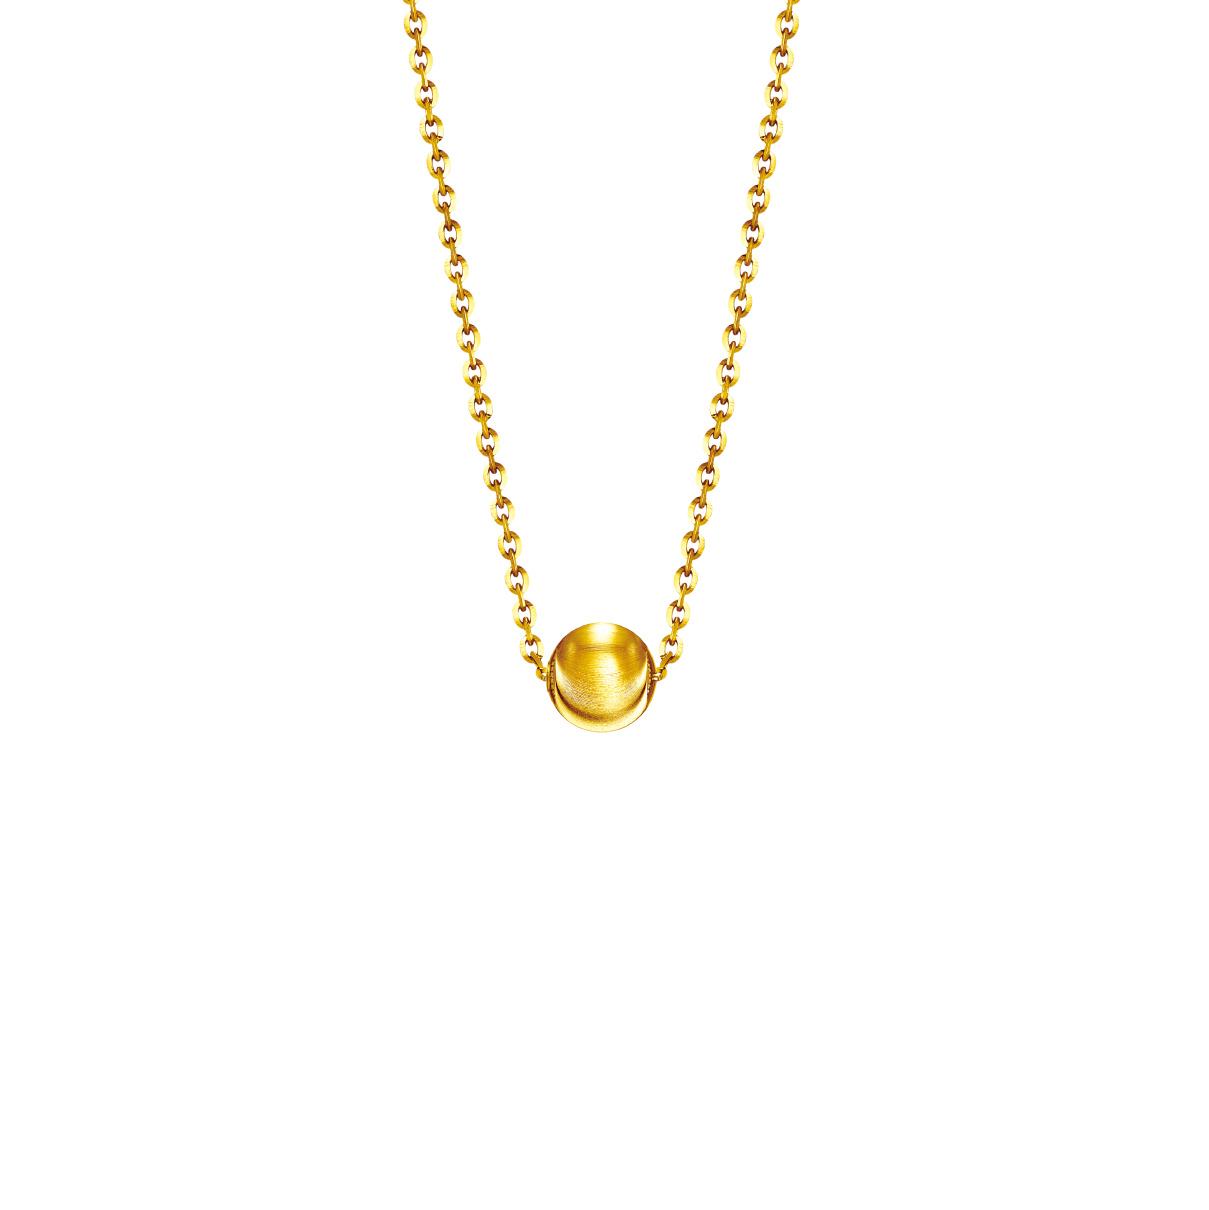 Goldstyle「晶型」挂坠